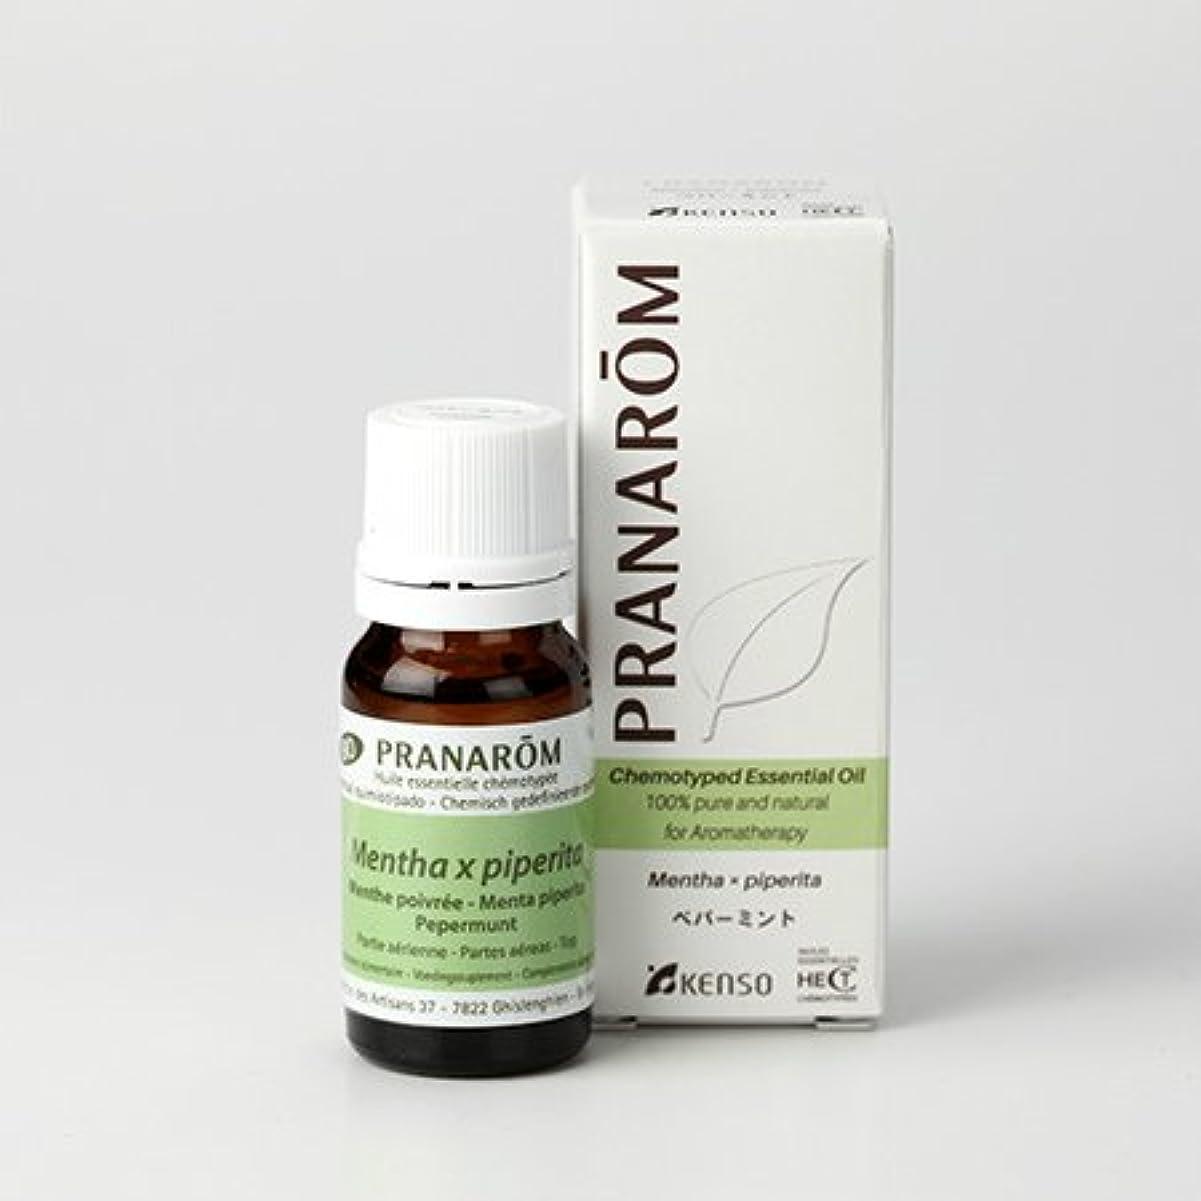 報酬褐色アレキサンダーグラハムベルプラナロム ペパーミント 10ml (PRANAROM ケモタイプ精油)